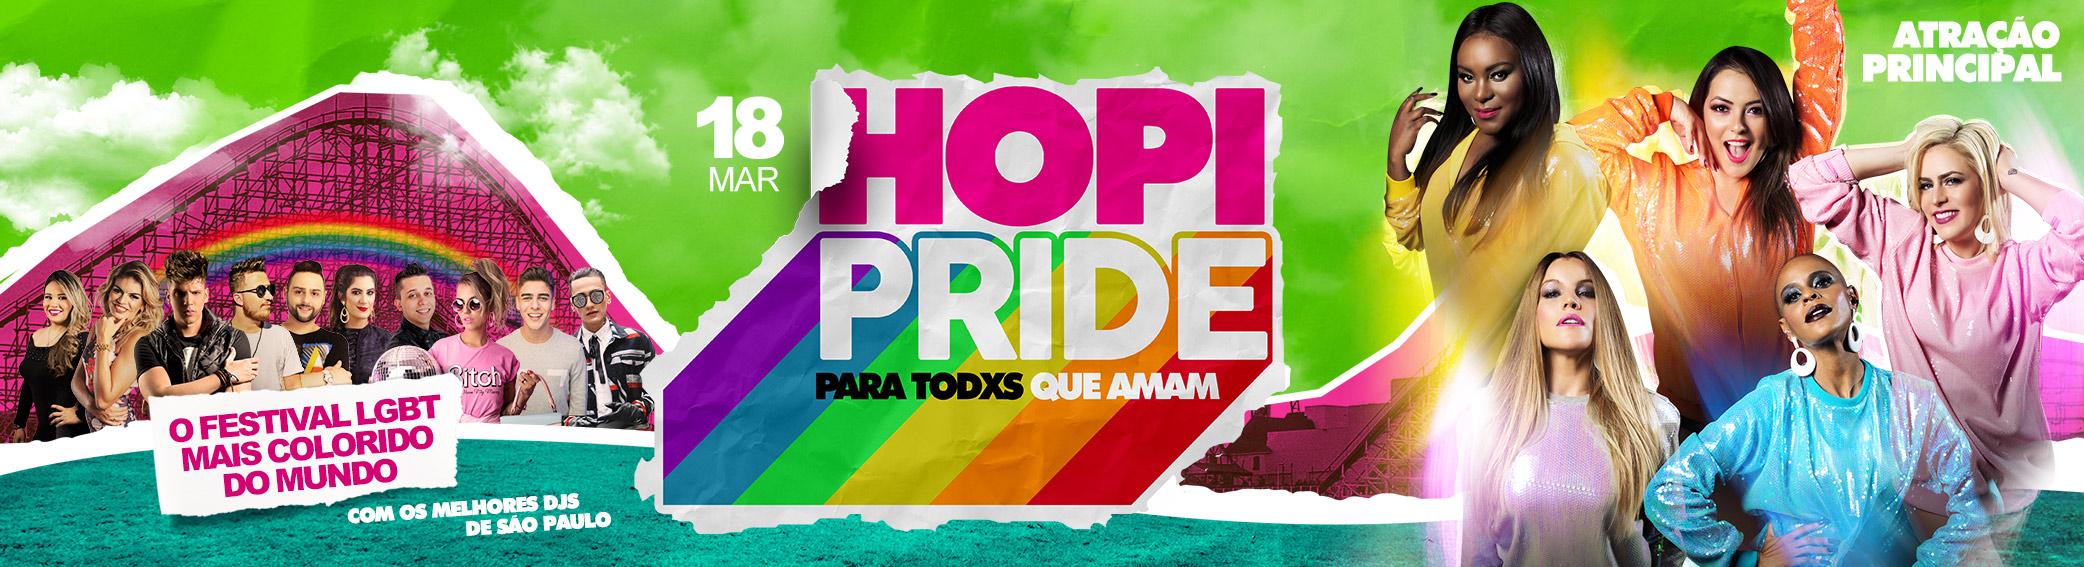 Hopi Pride